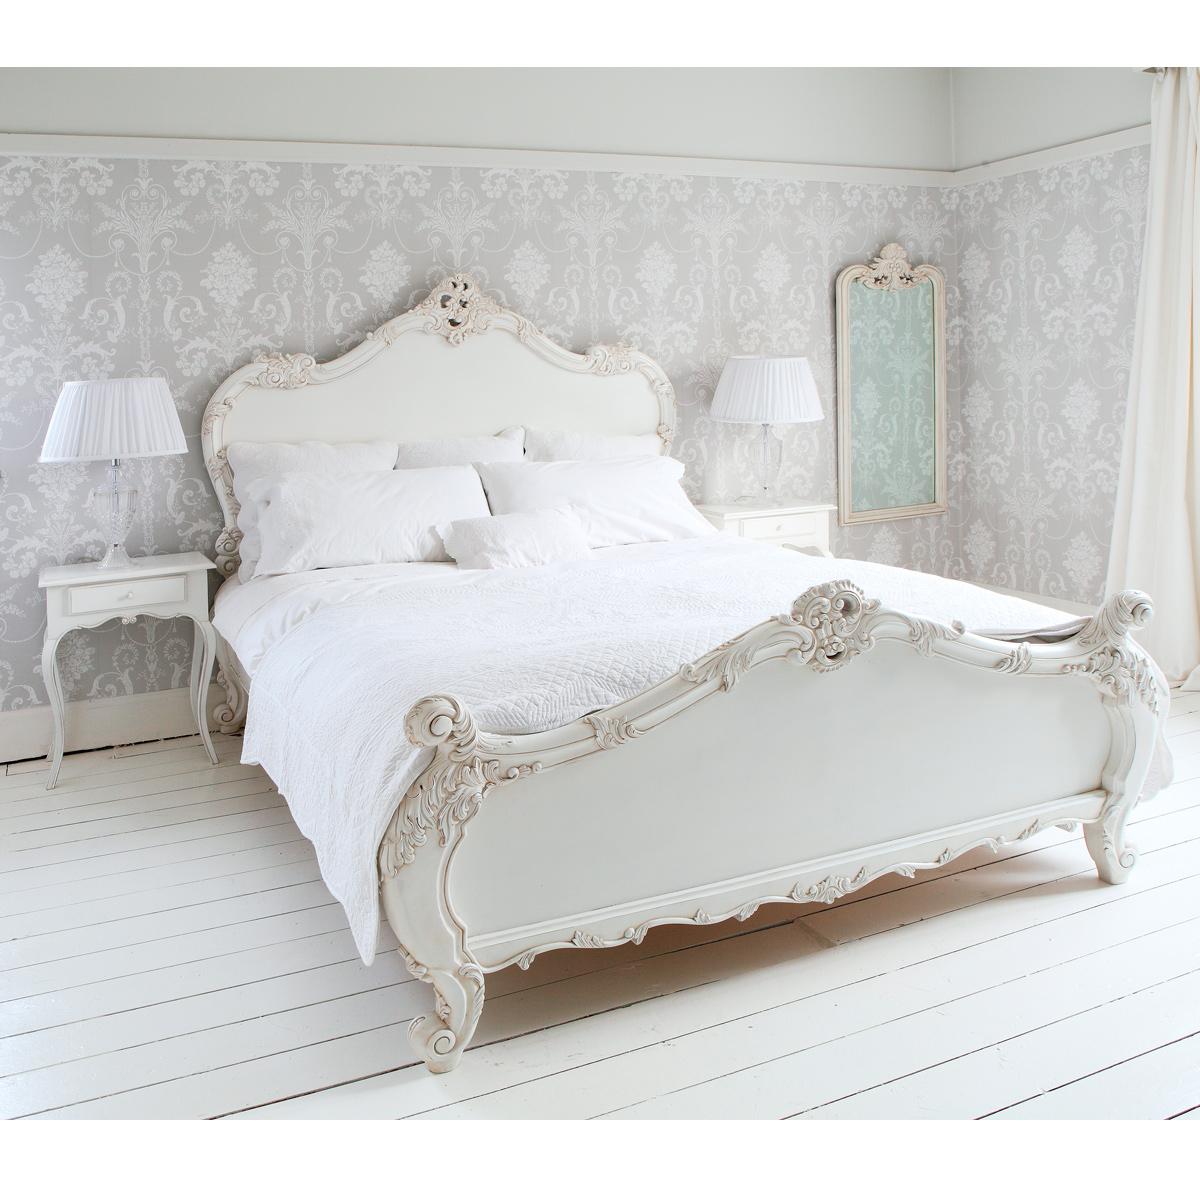 بالصور غرف نوم بيضاء , الابيض في غرفه نوم اجمل 1339 12